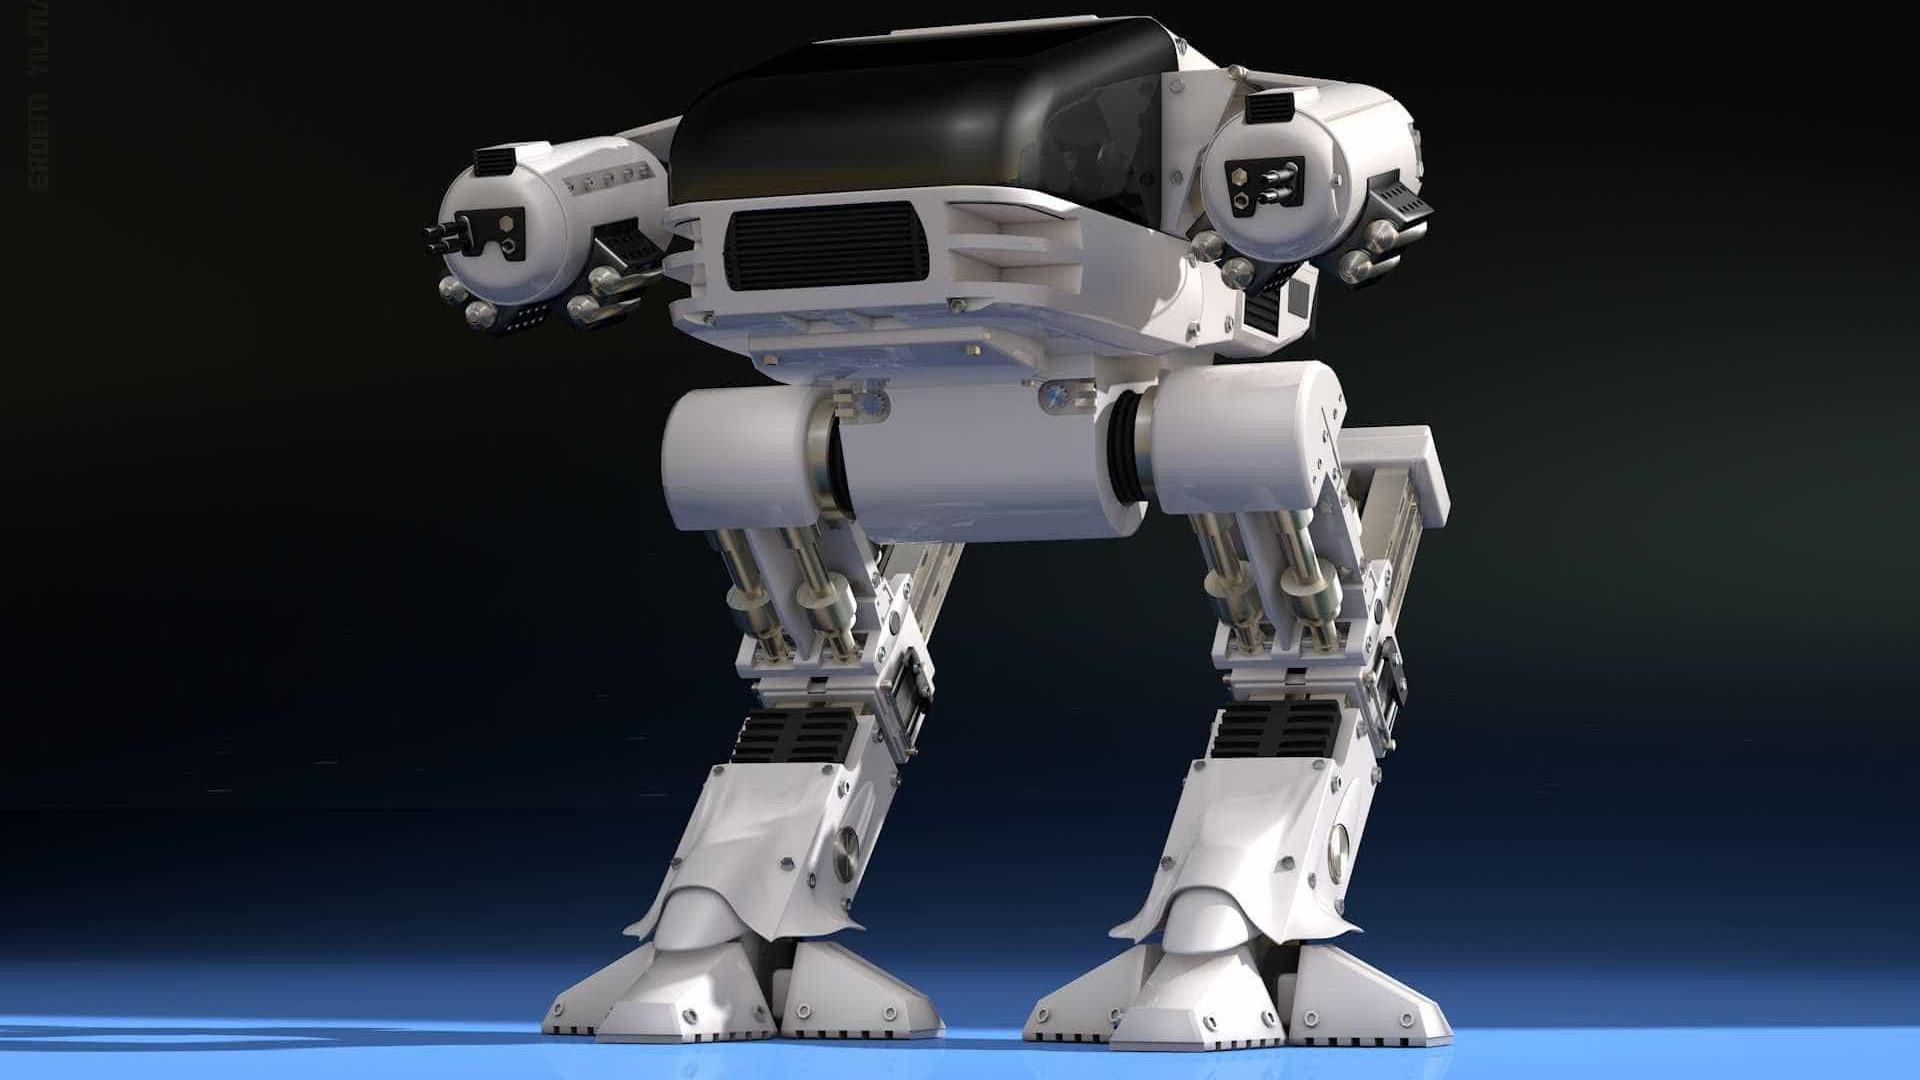 Universidade é boicotada por possível criação de robôs 'assassinos'